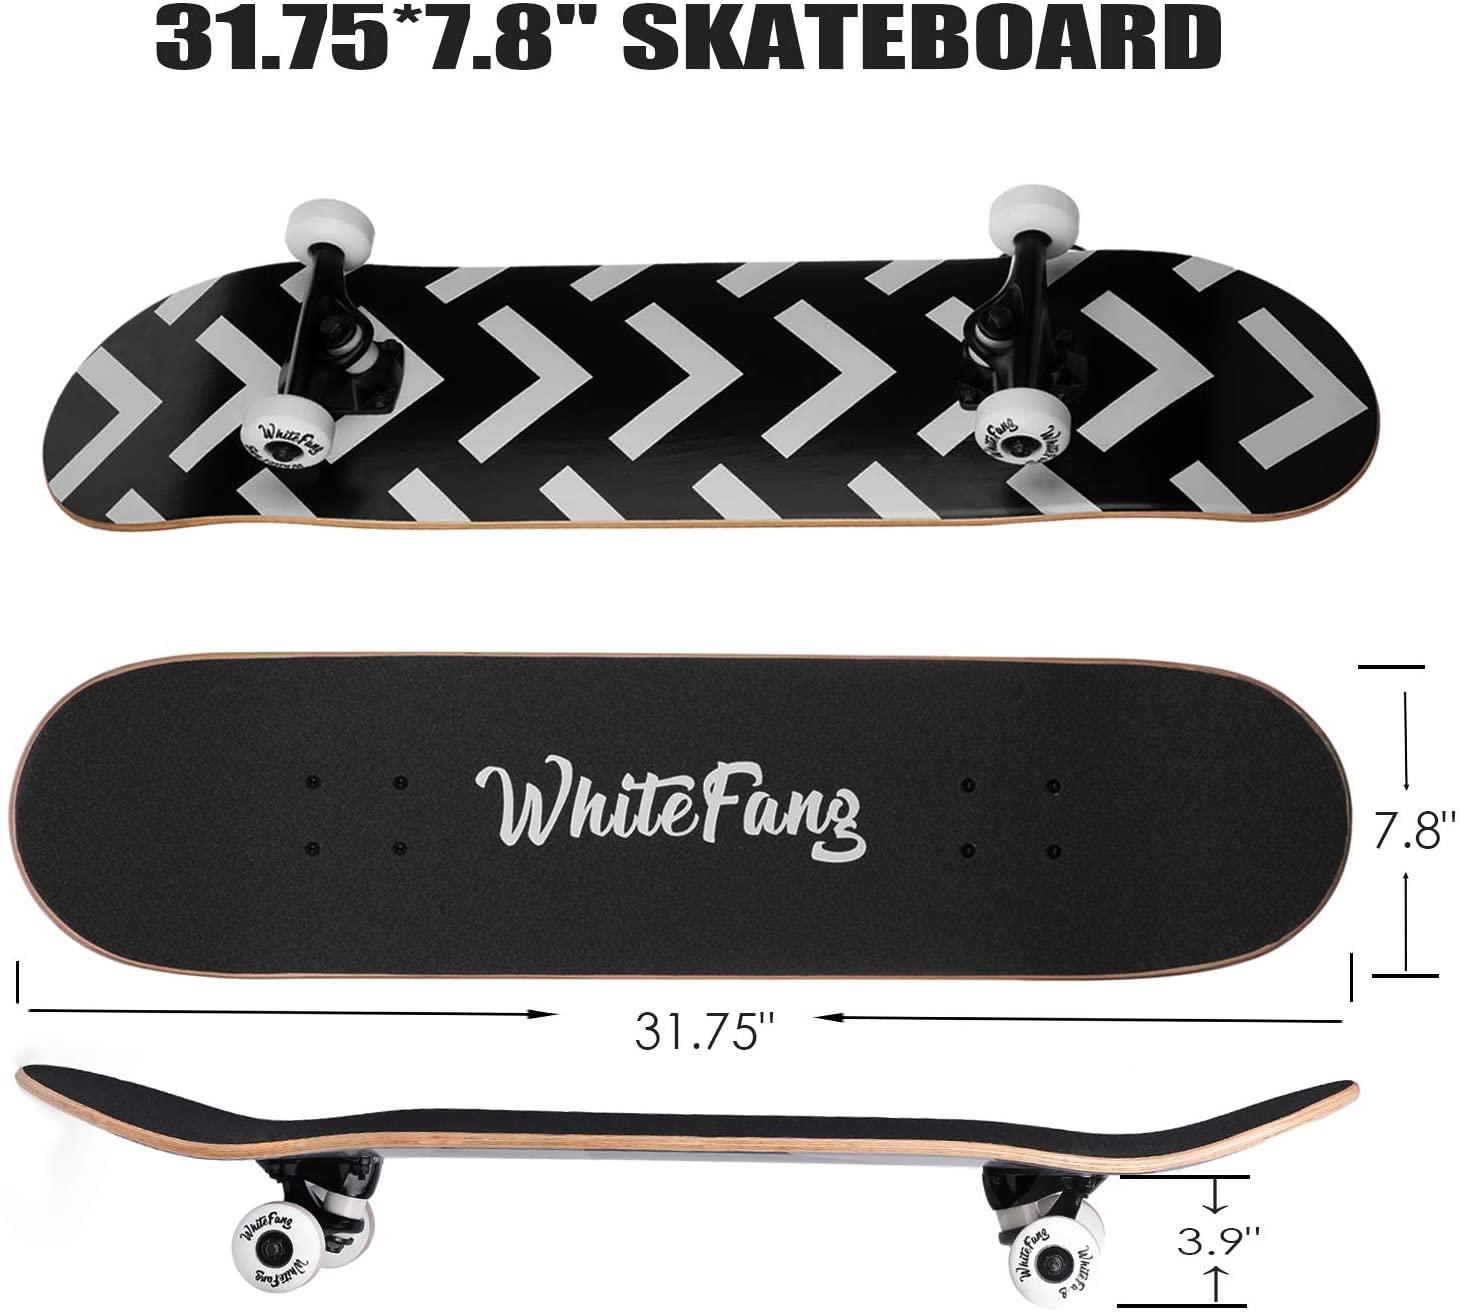 WhiteFang Complete SkateboardsWhiteFang Complete Skateboards